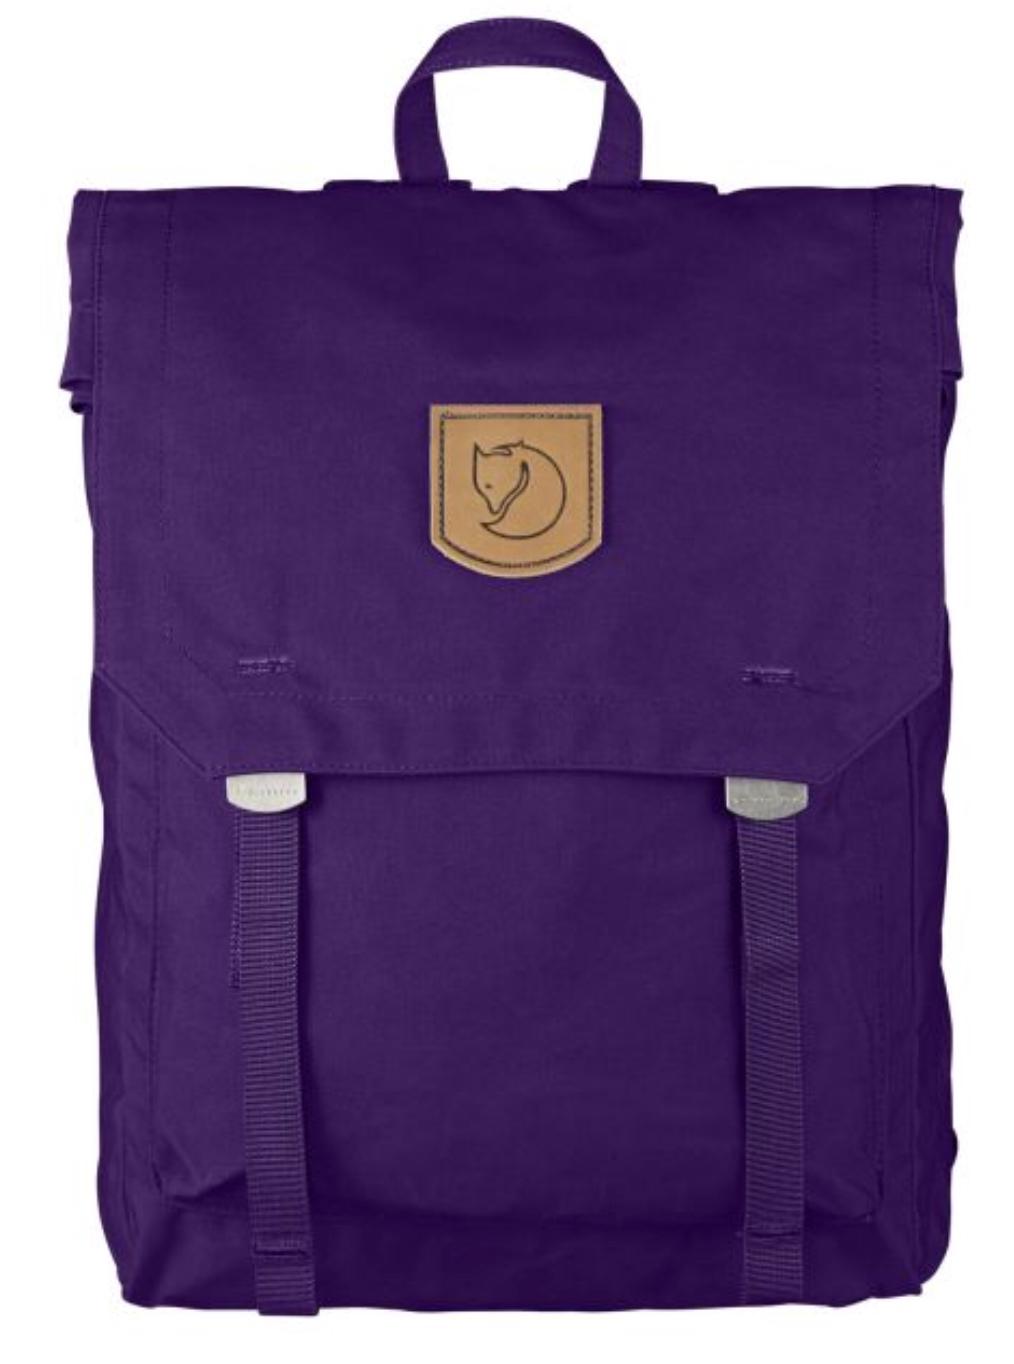 Fjällräven Foldsack No. 1 - purple (versandkostenfrei)